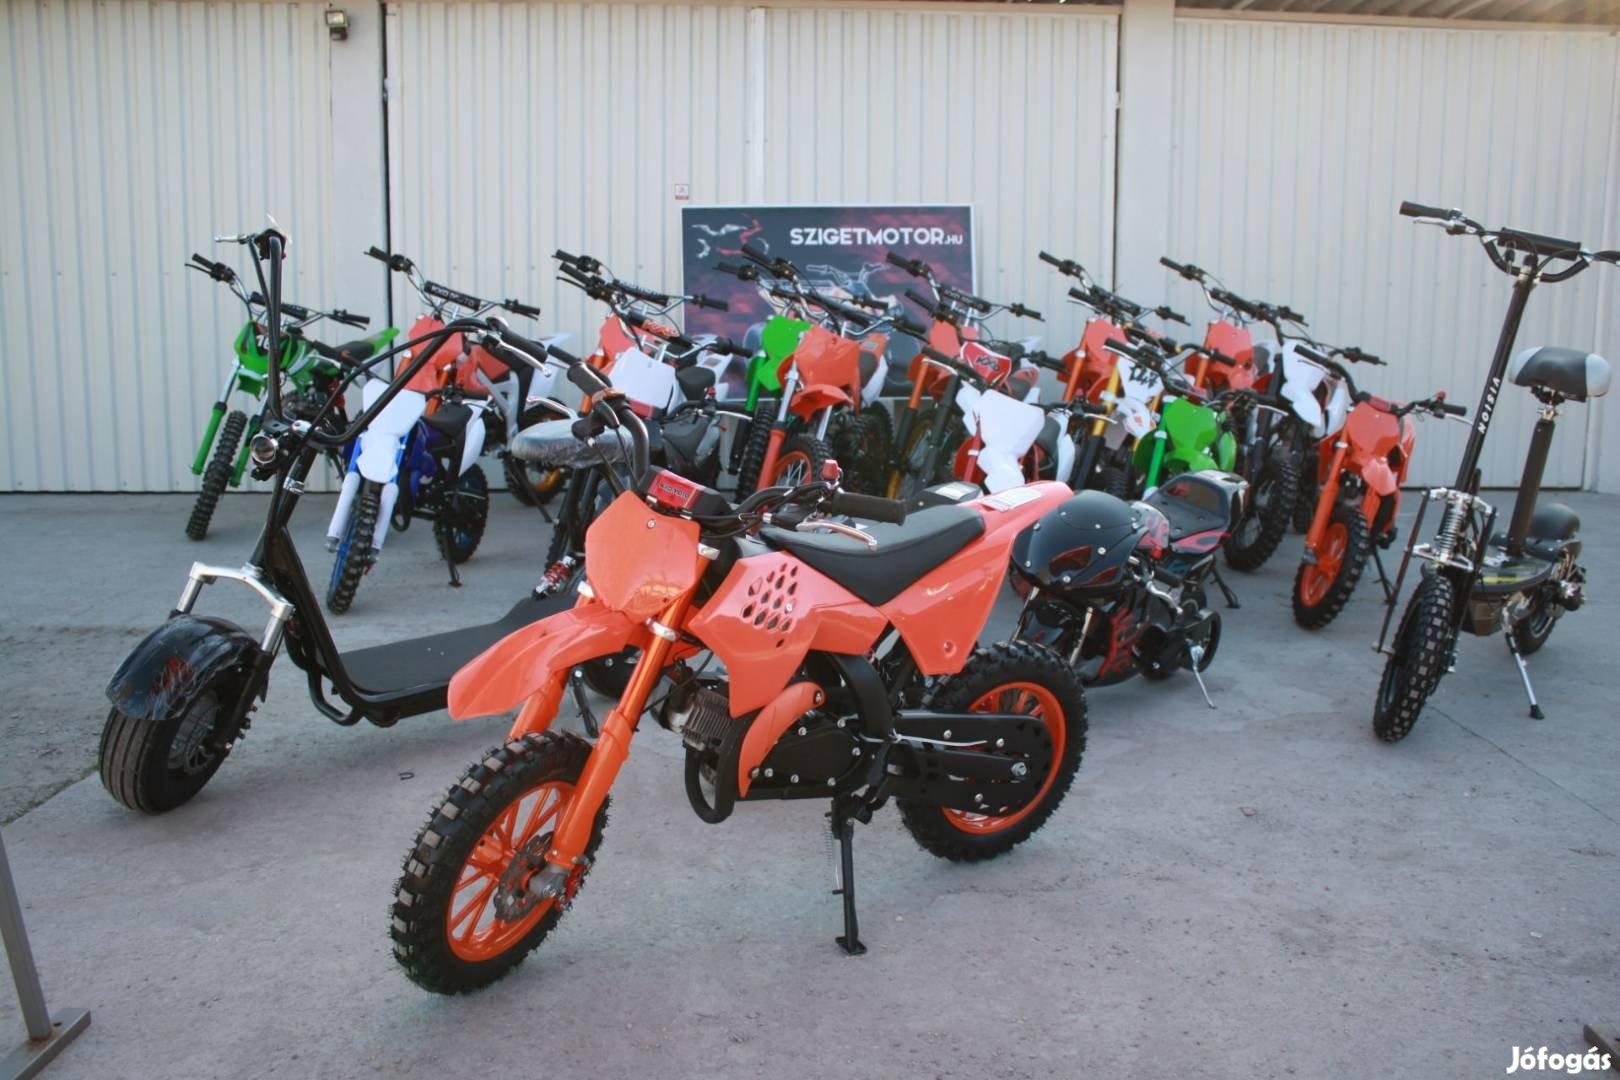 Új Kxd 701 gyermek gyerek pocket cross krossz motor a Sziget Motornál!